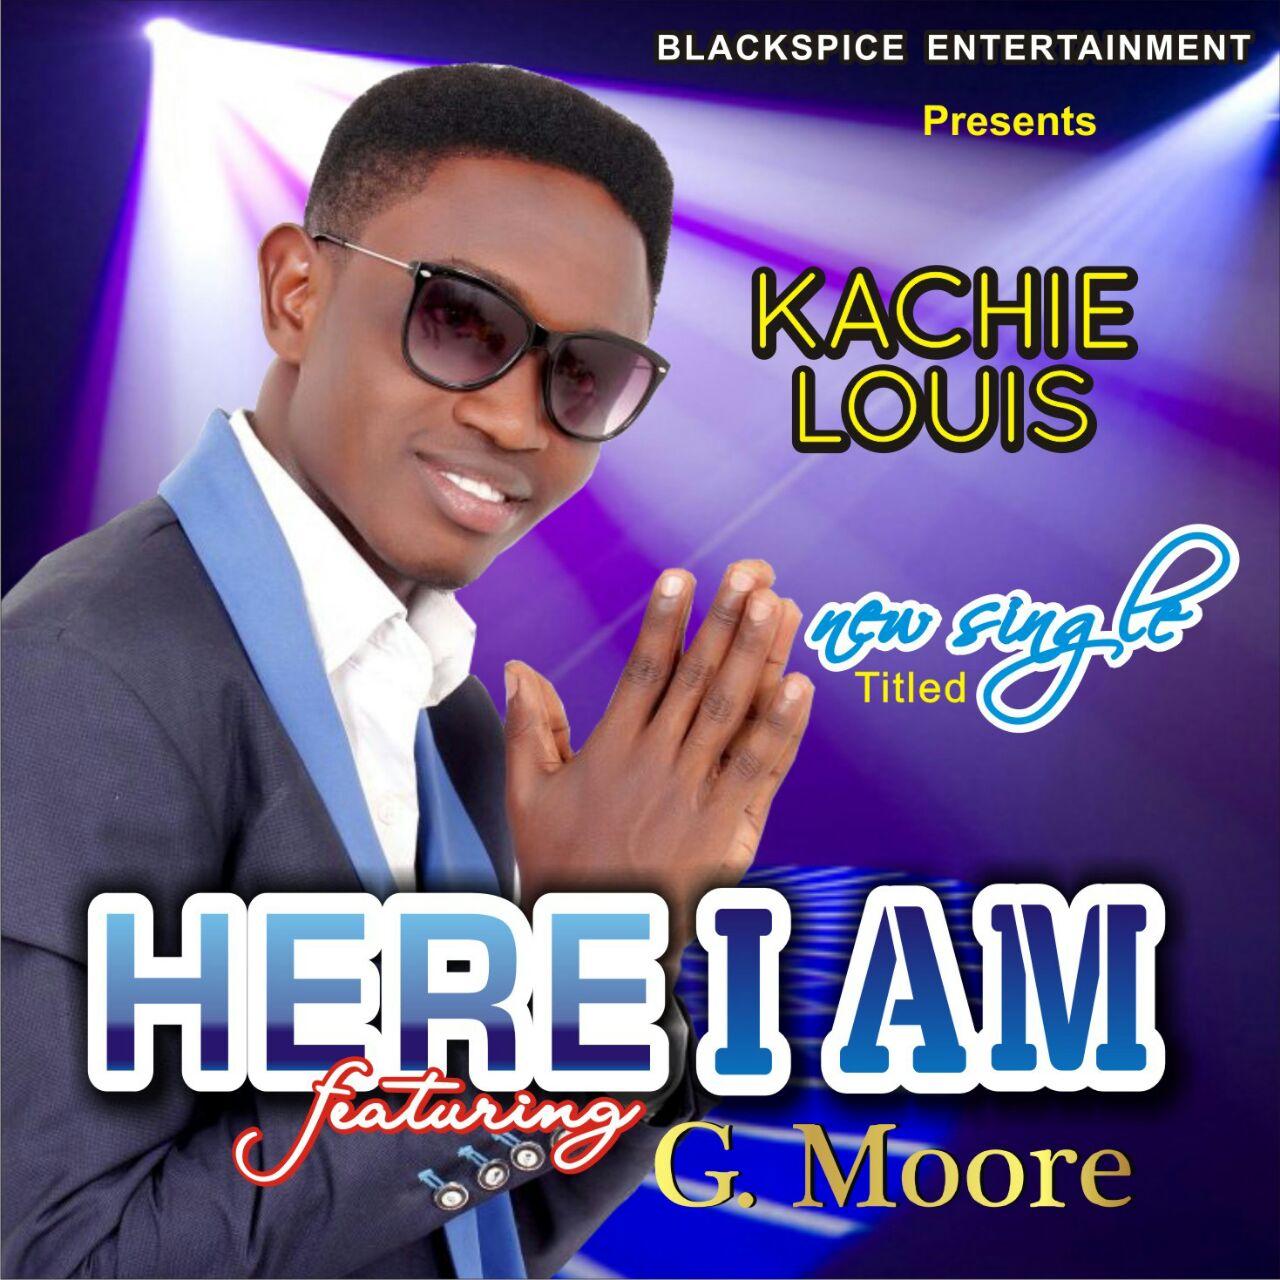 Kachie Louis